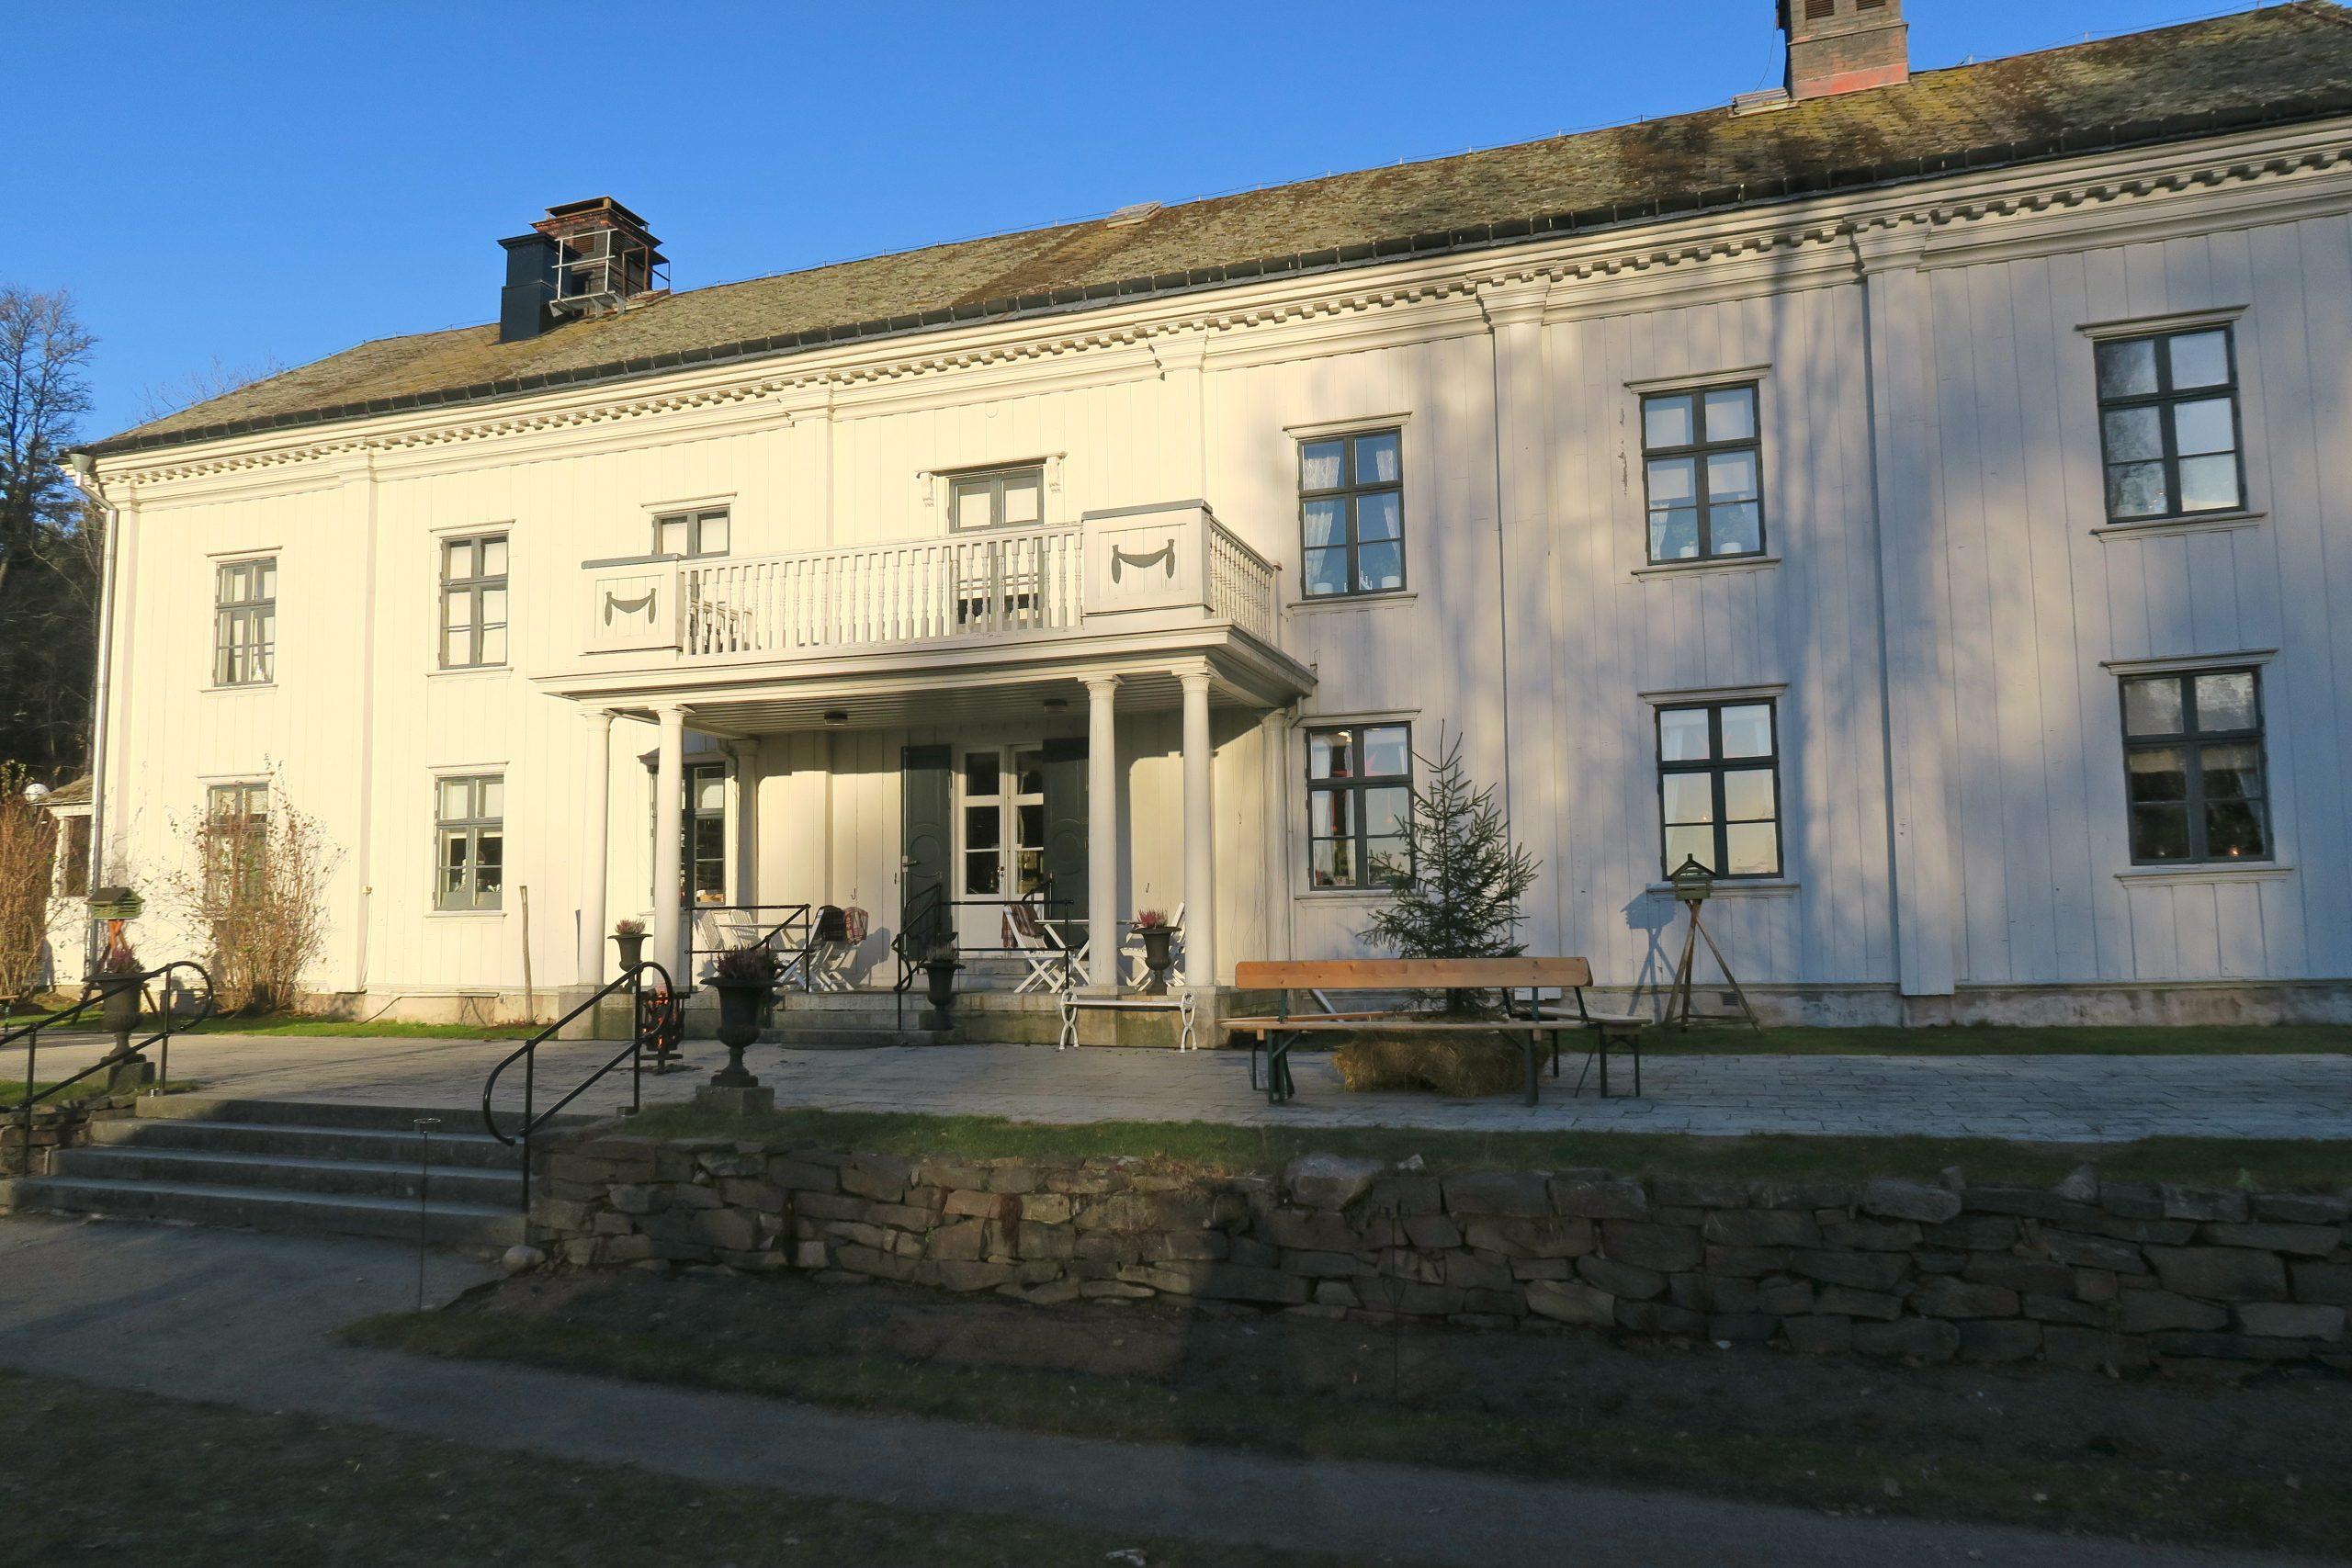 Alsters herrgård utanför Krlstad i Värmland. DEn gård där Gustaf Fröding föddes 1860.